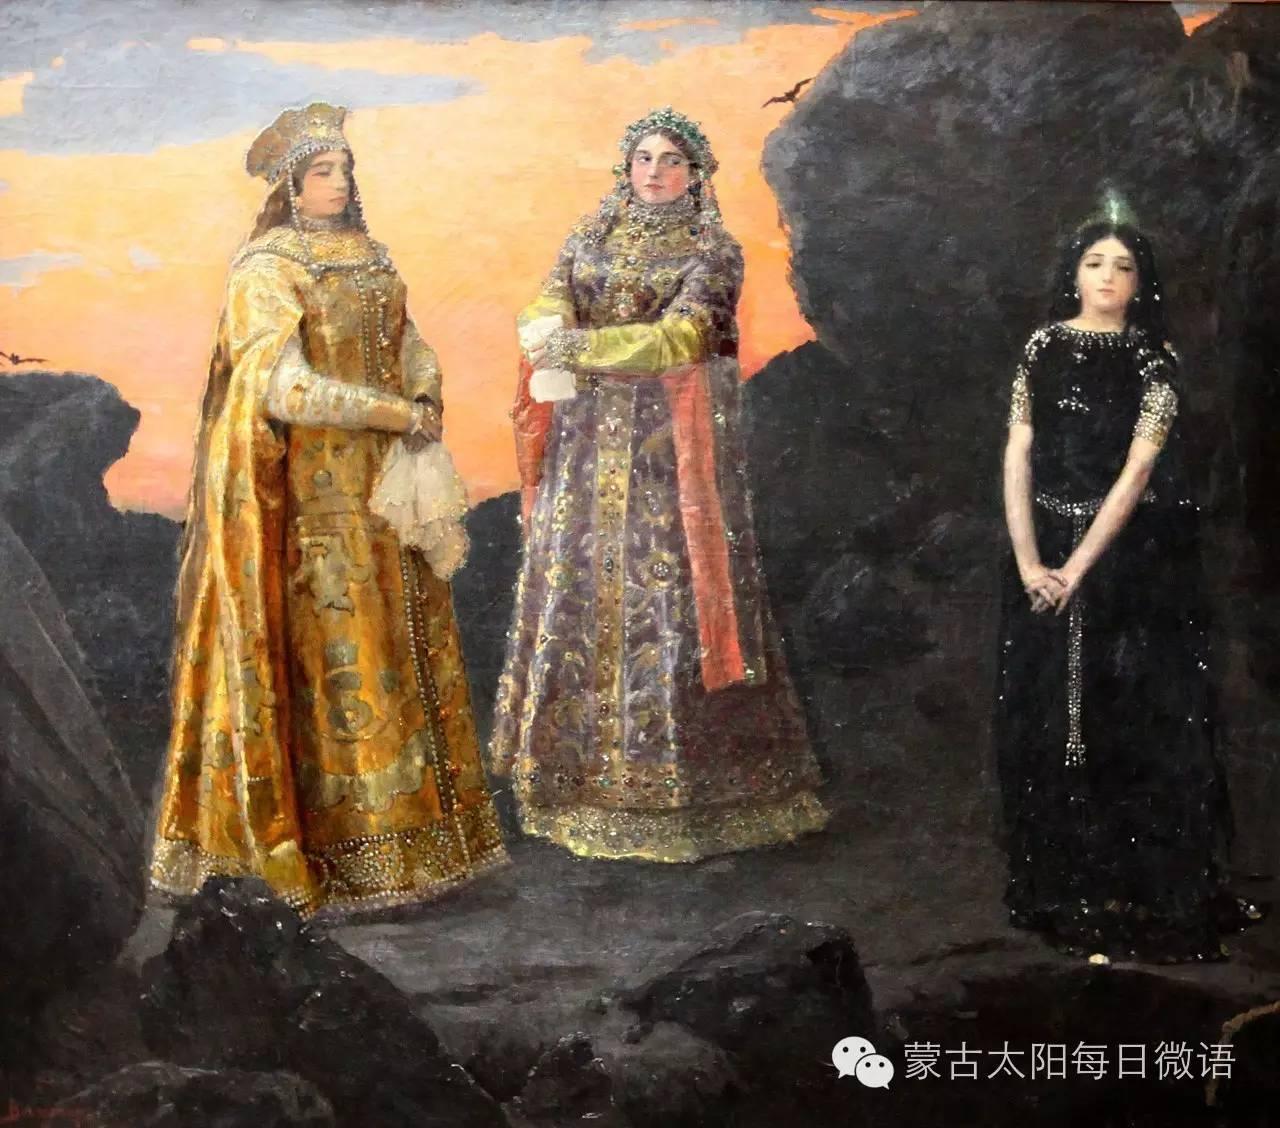 一个蒙古人眼中的欧洲  第32章 世界著名蒙古族画家费岳达尔•卡尔梅克 第21张